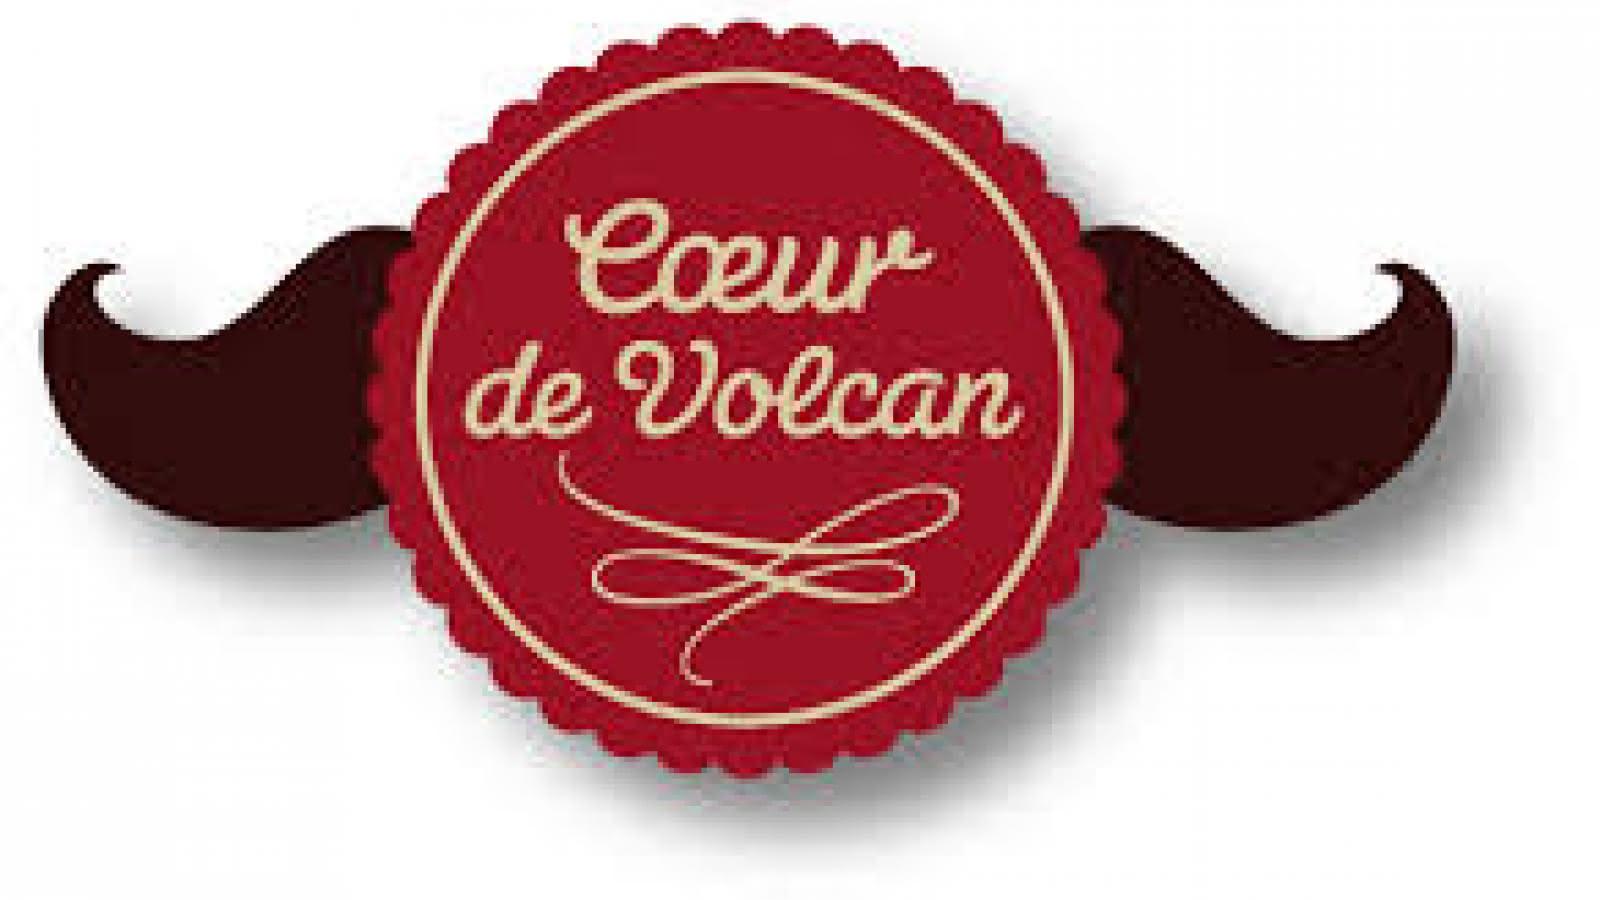 © Coeur de Volcan